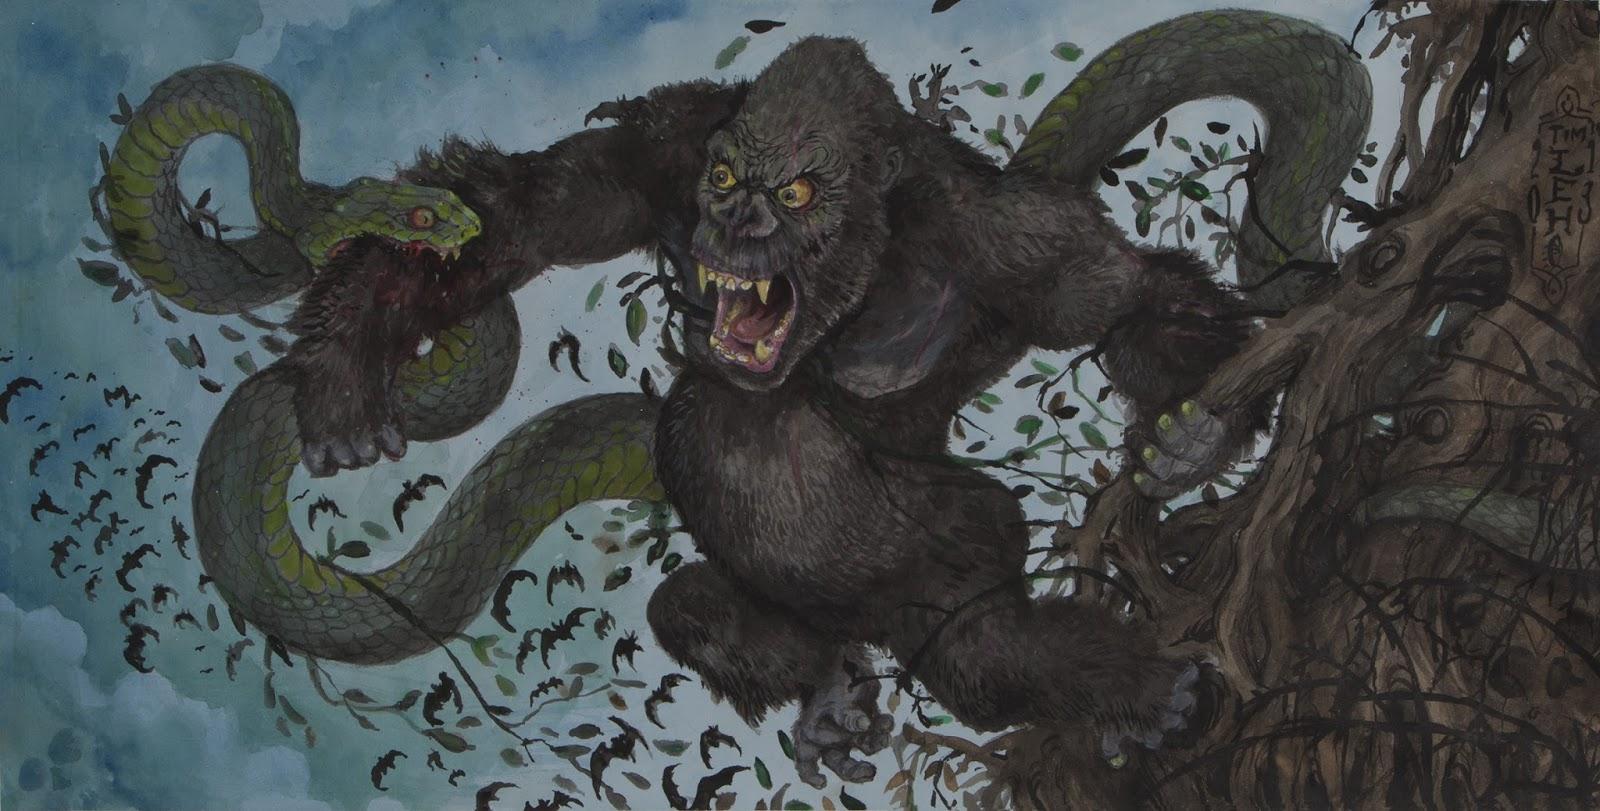 TIM LEHI: Gorilla Snake Battle 2013 for Osti.